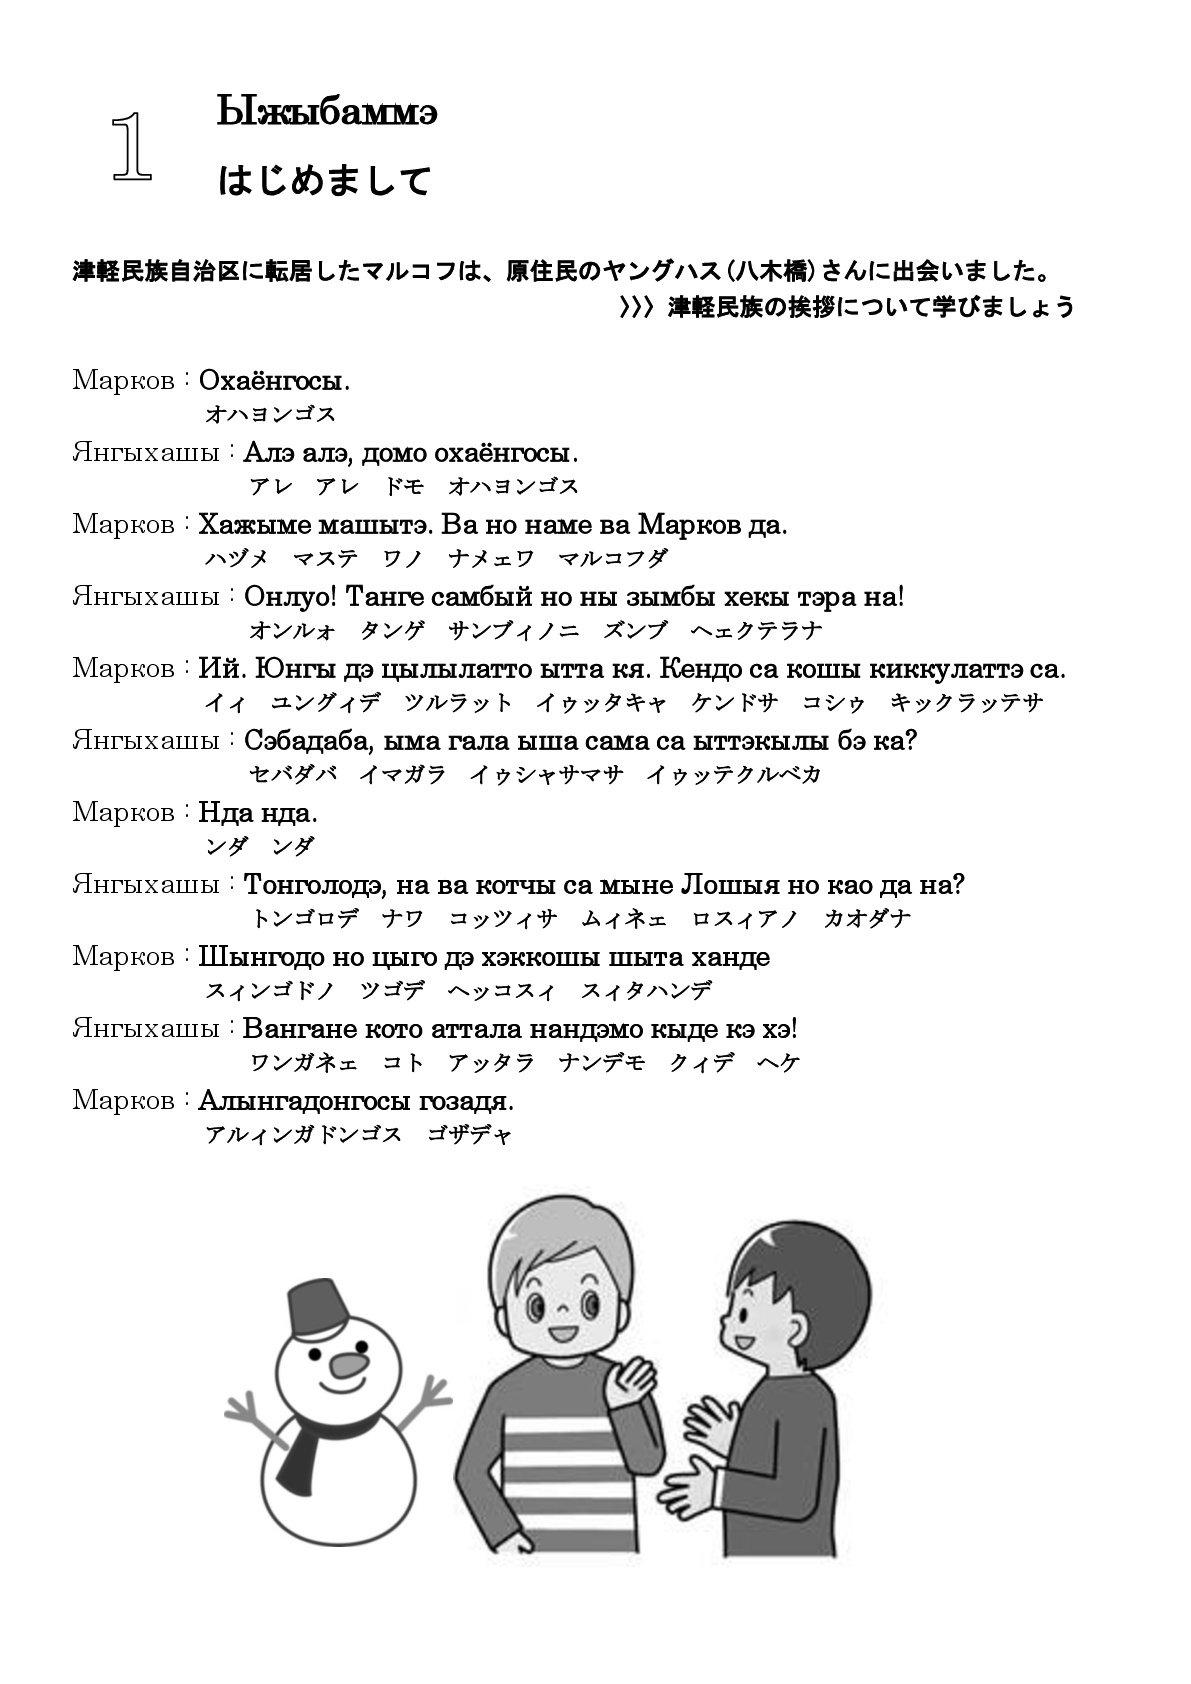 ニューエクスプレス津軽語 第1課「はじめまして」